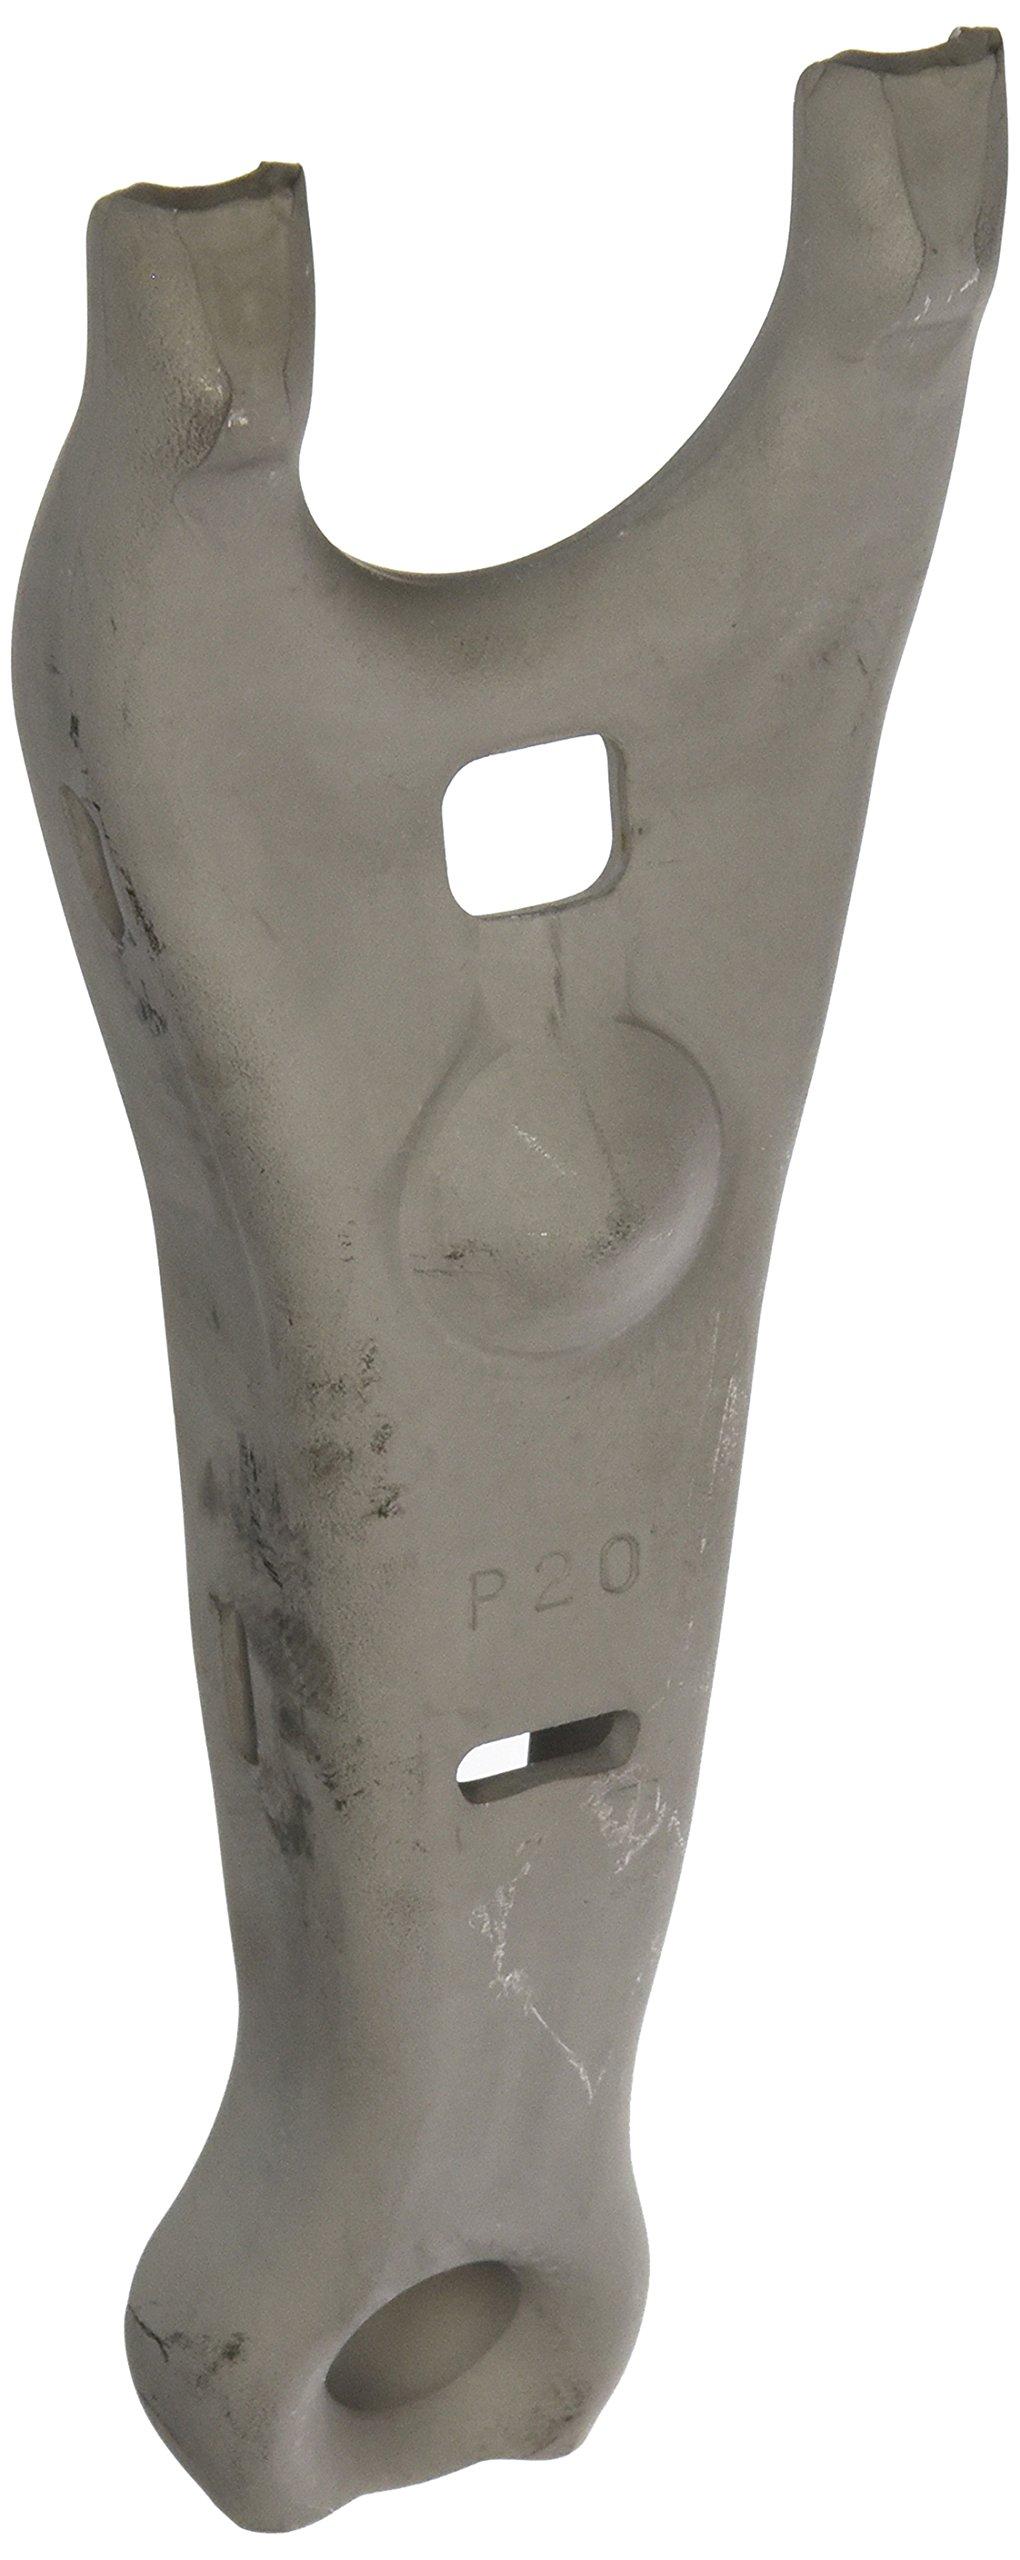 Genuine Honda 22821-P20-010 Clutch Release Fork